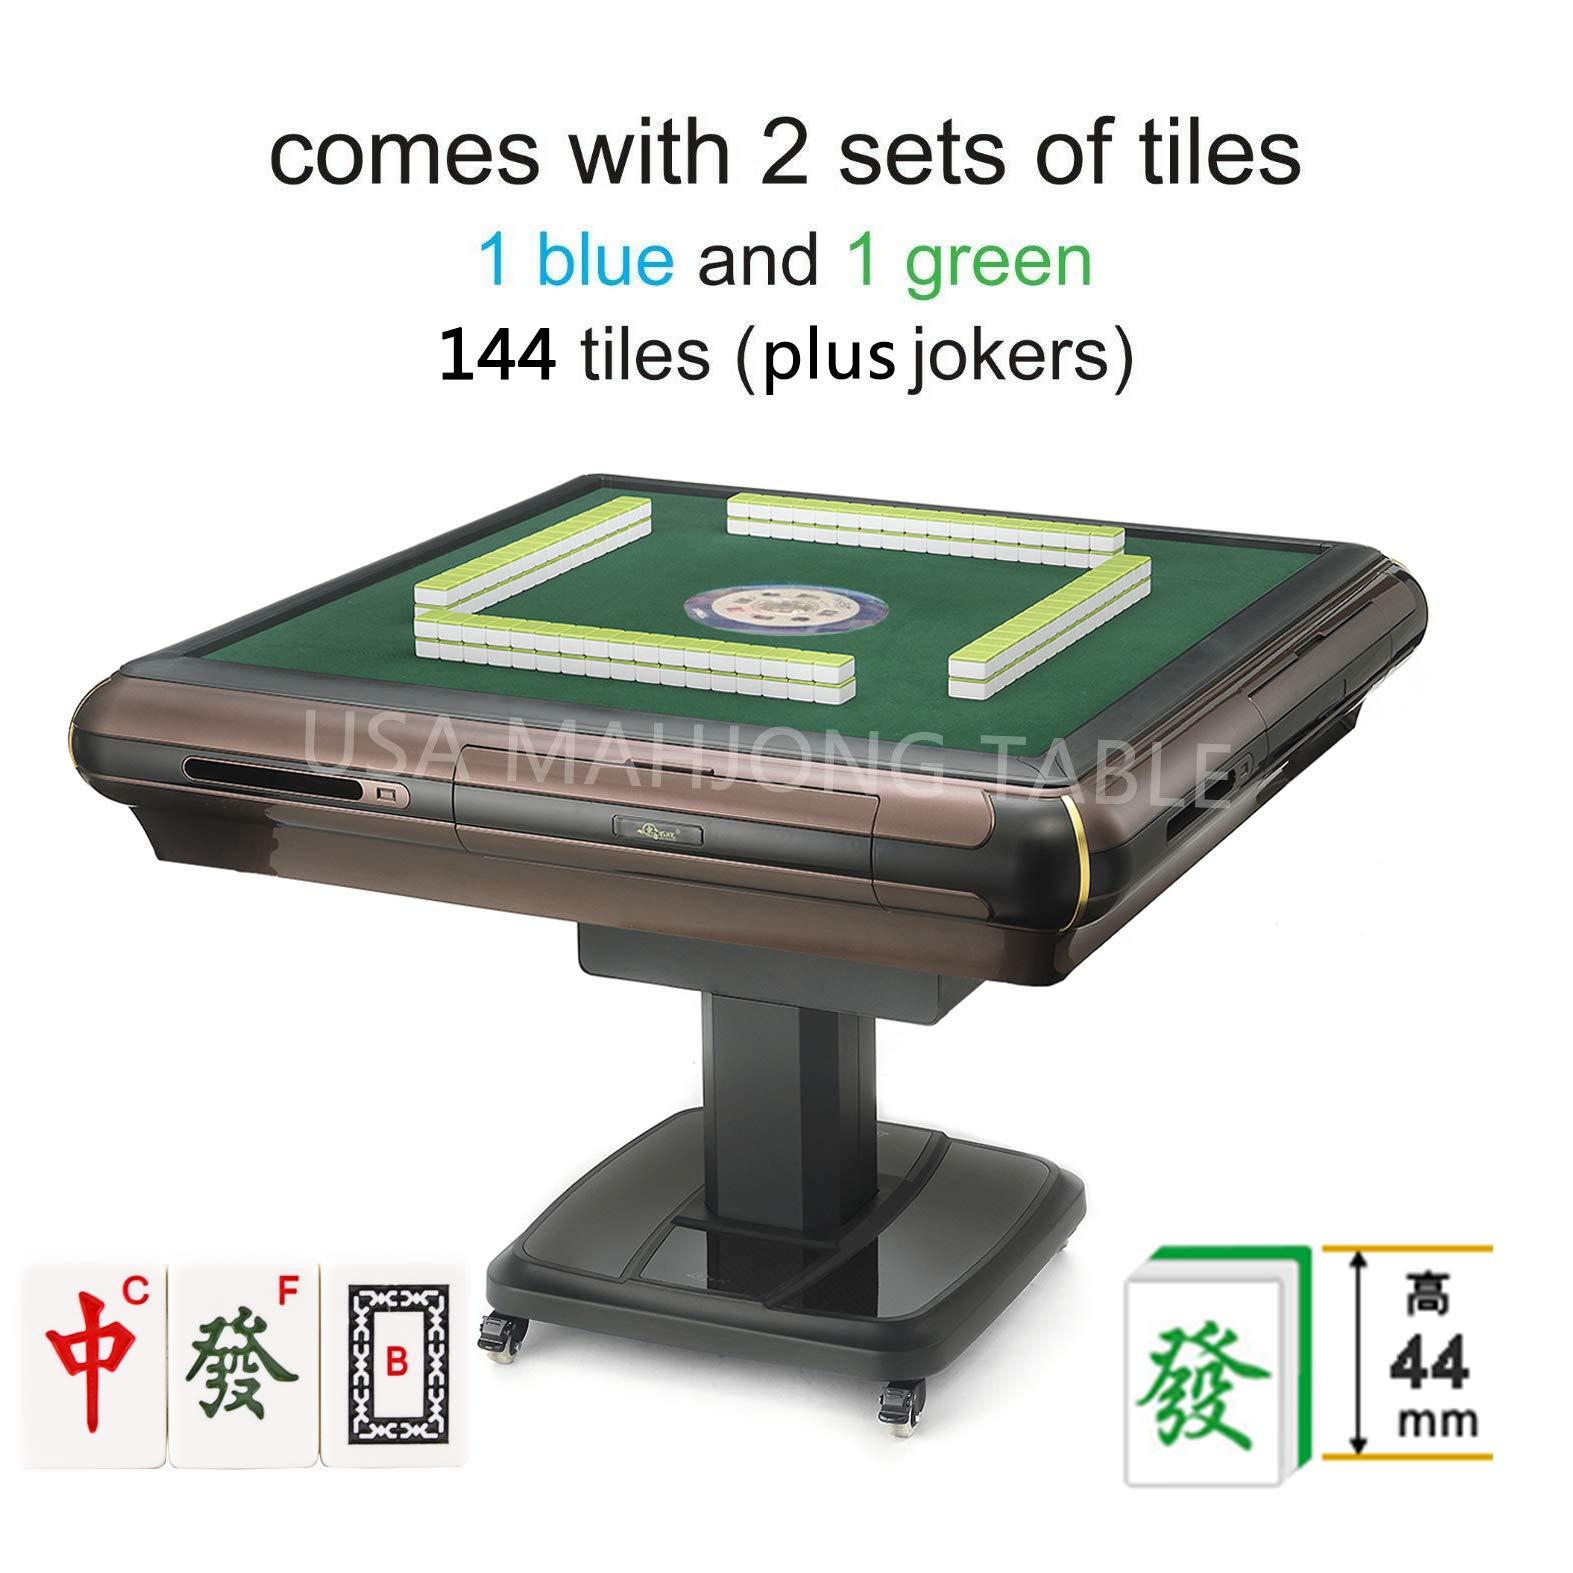 东方不败麻将桌 中國大尺寸手感牌 Foldable Folding Automatic Mahjong Table with Wheels & 4 Drawers - Chinese Style, Philippine Style, Comes 2 Sets of 44mm Large Tiles 大尺寸麻将牌(Blue & Green) & 1 Table Cover